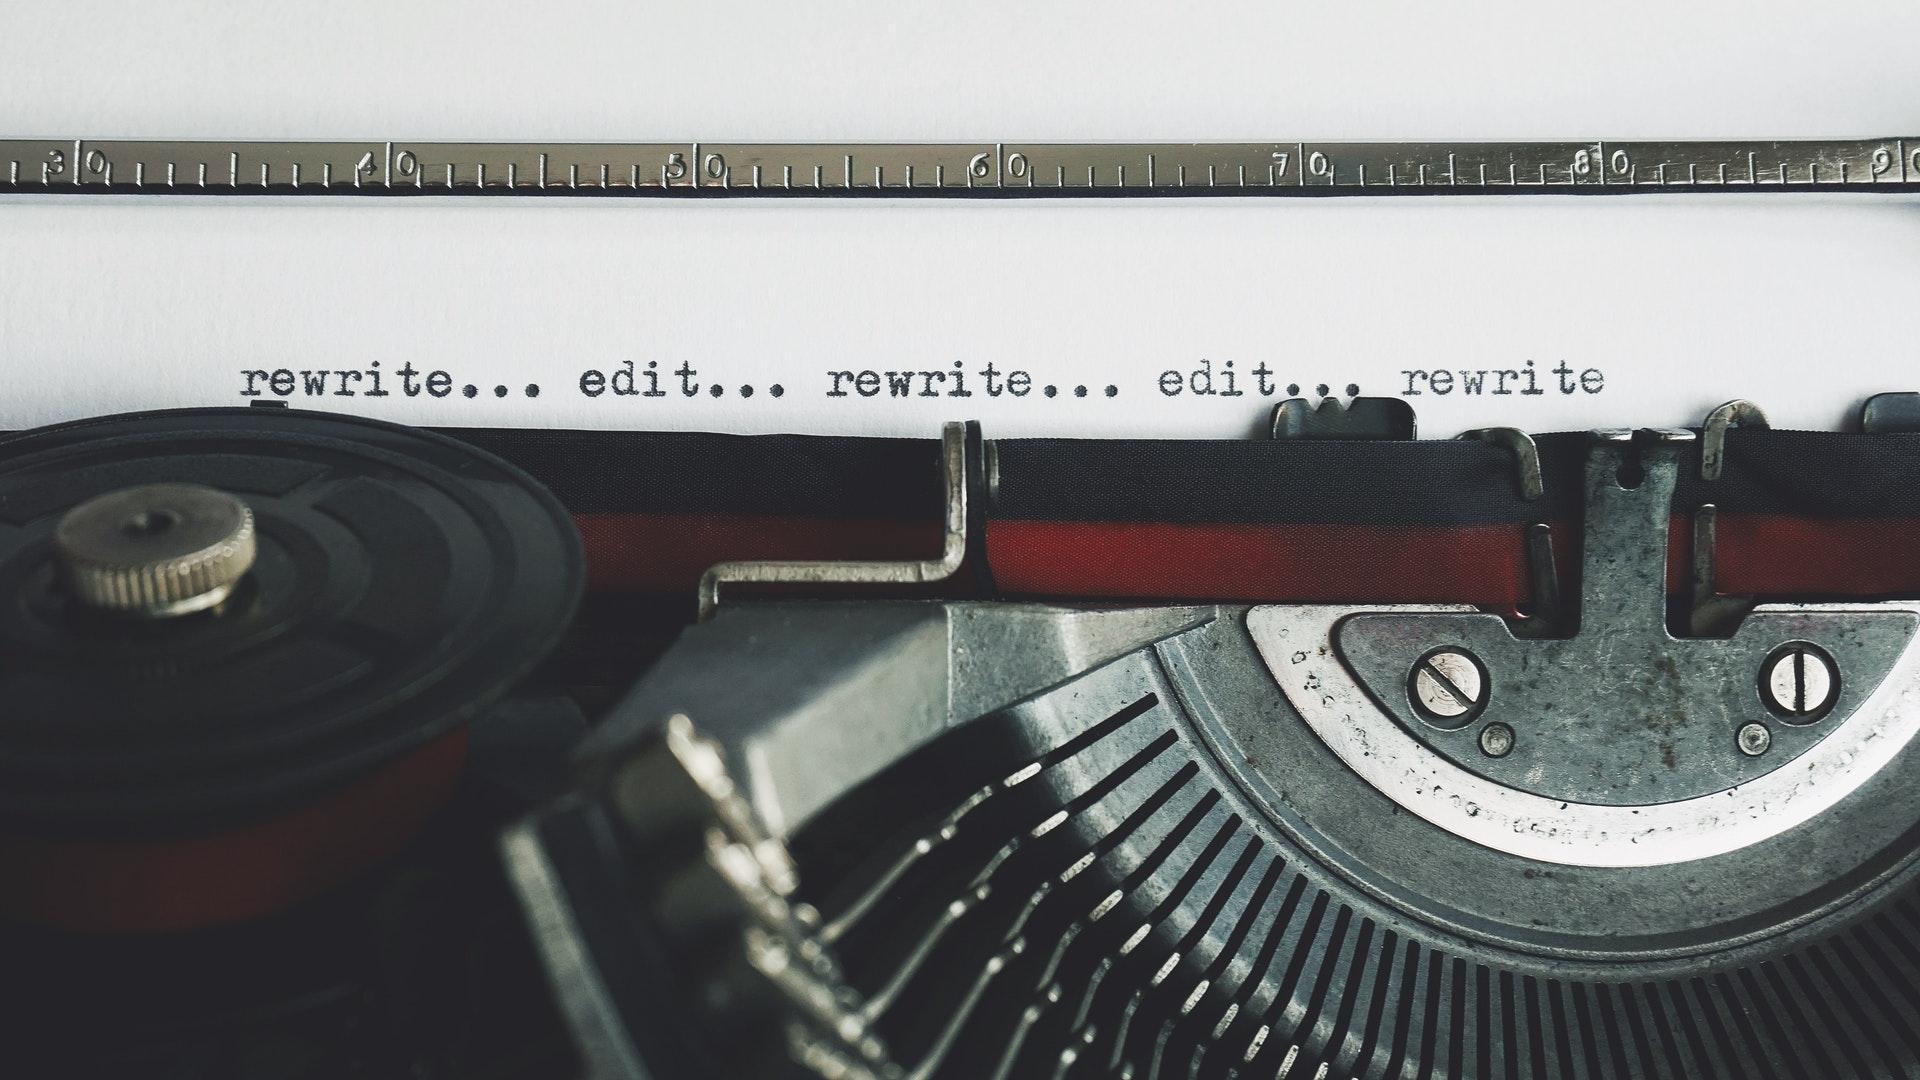 giornata della felicità scrivere